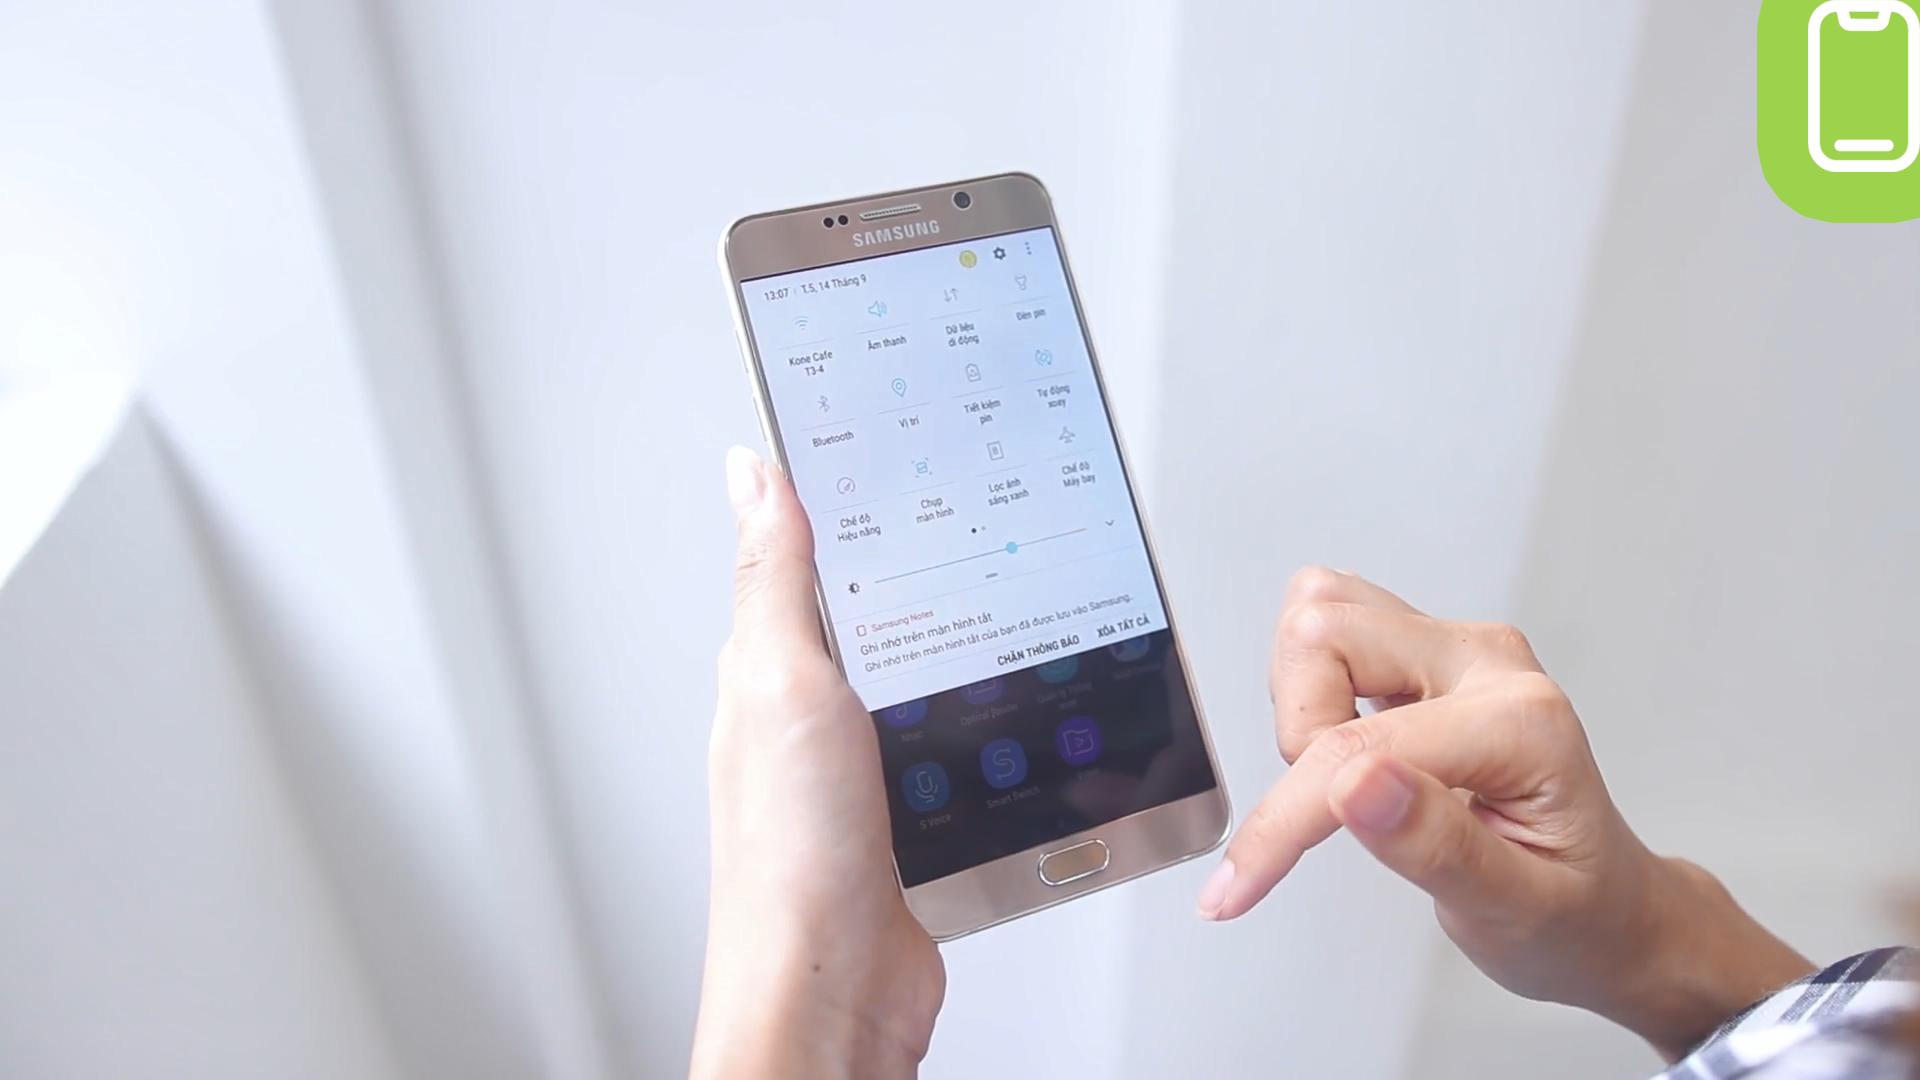 Đánh giá chi tiết Samsung Galaxy Note 5 - Ảnh 6